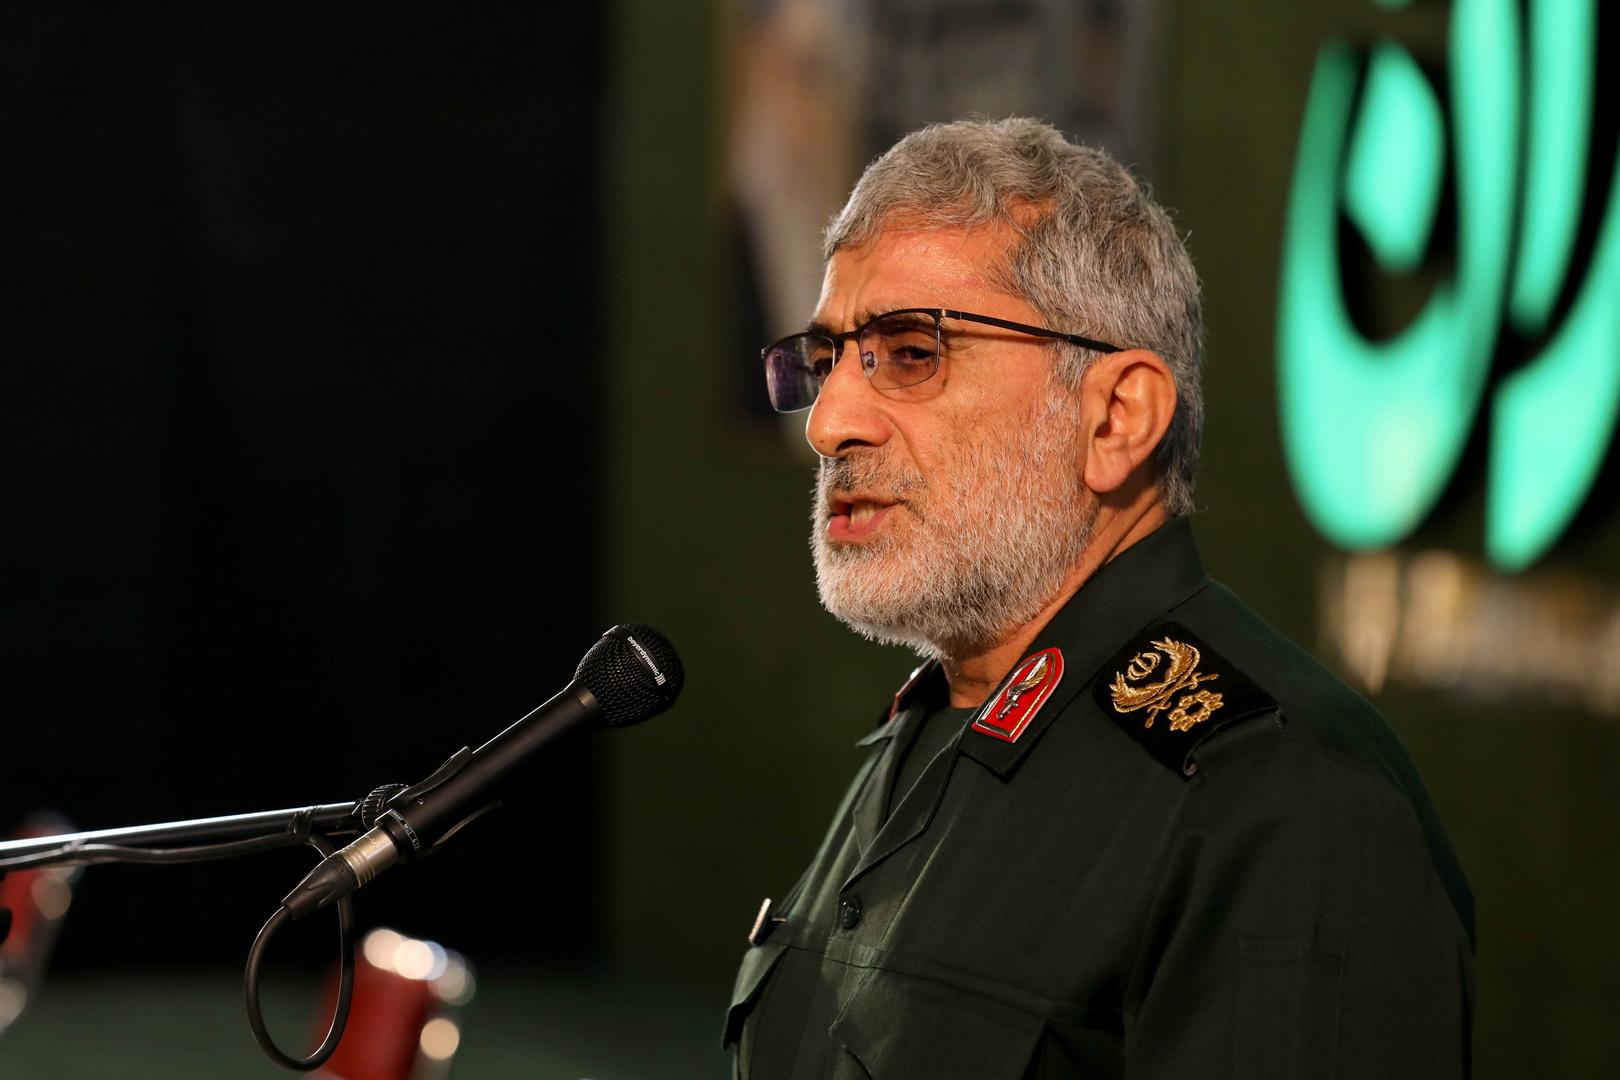 قآاني في جلسة برلمان مغلقة:  شيعة أفغانستان مهمون للغاية بالنسبة لإيران